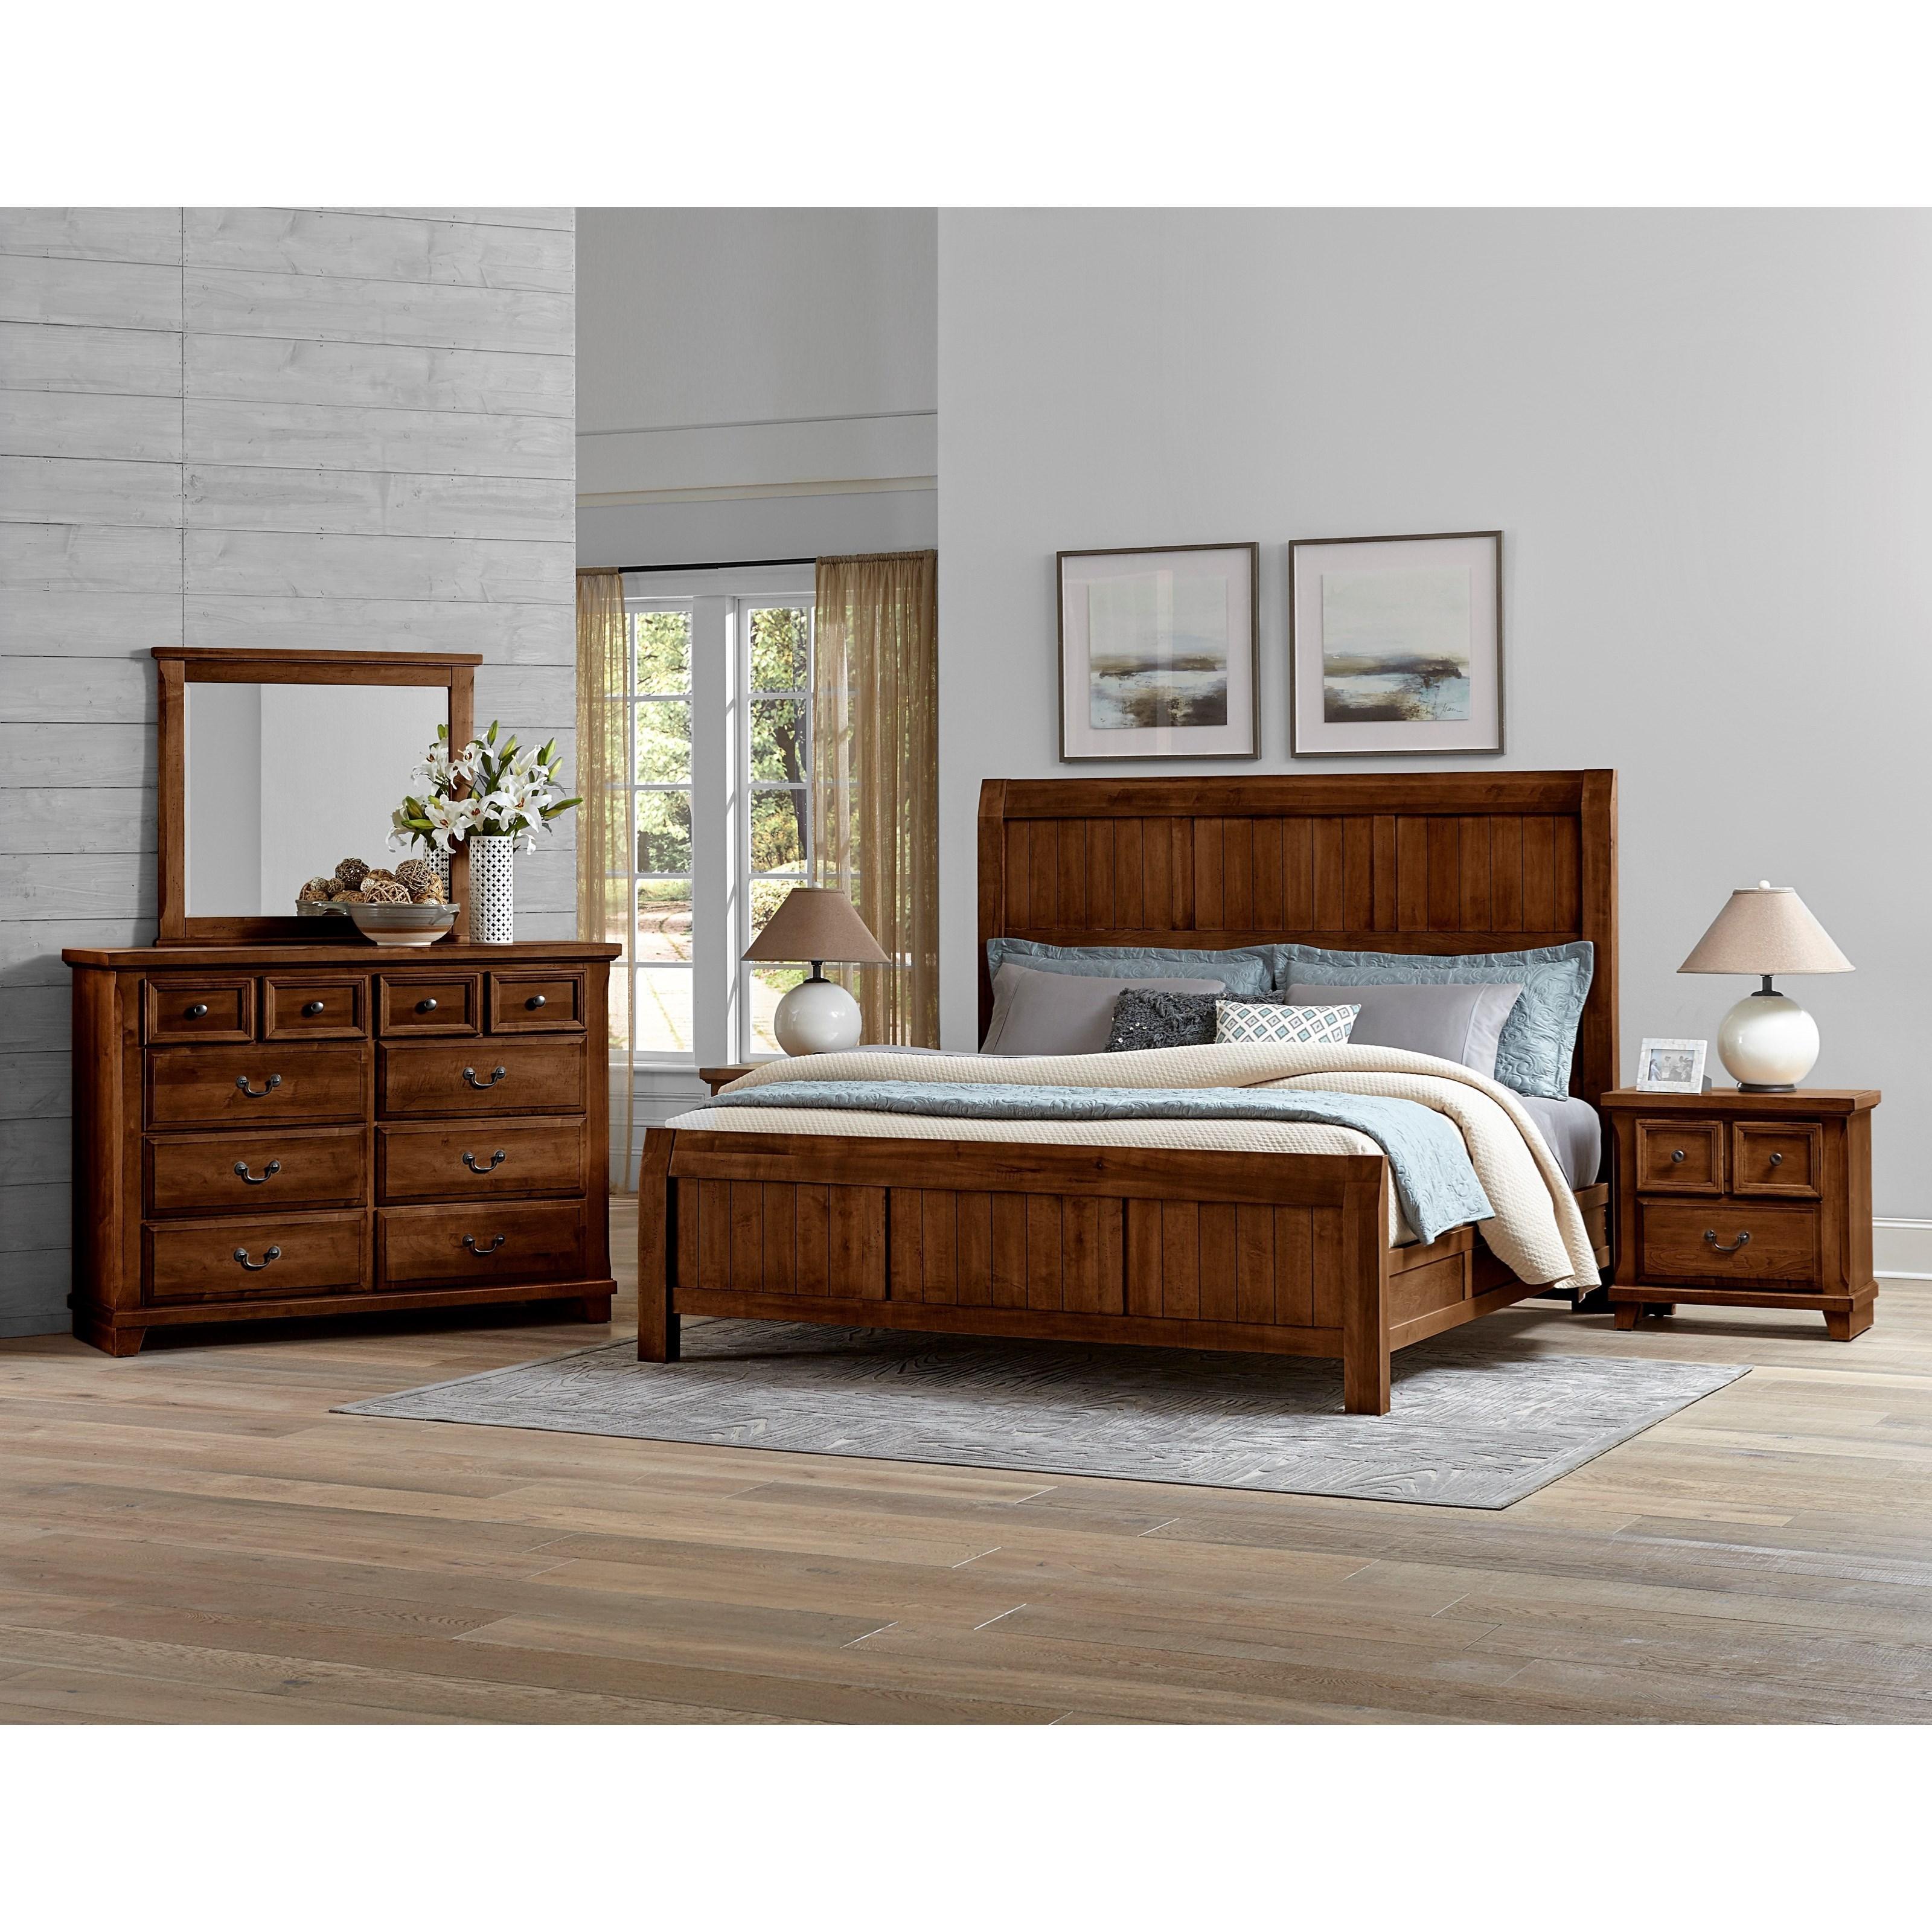 Vaughan Bassett Timber Creek Queen Bedroom Group - Item Number: 670 Q Bedroom Group 2